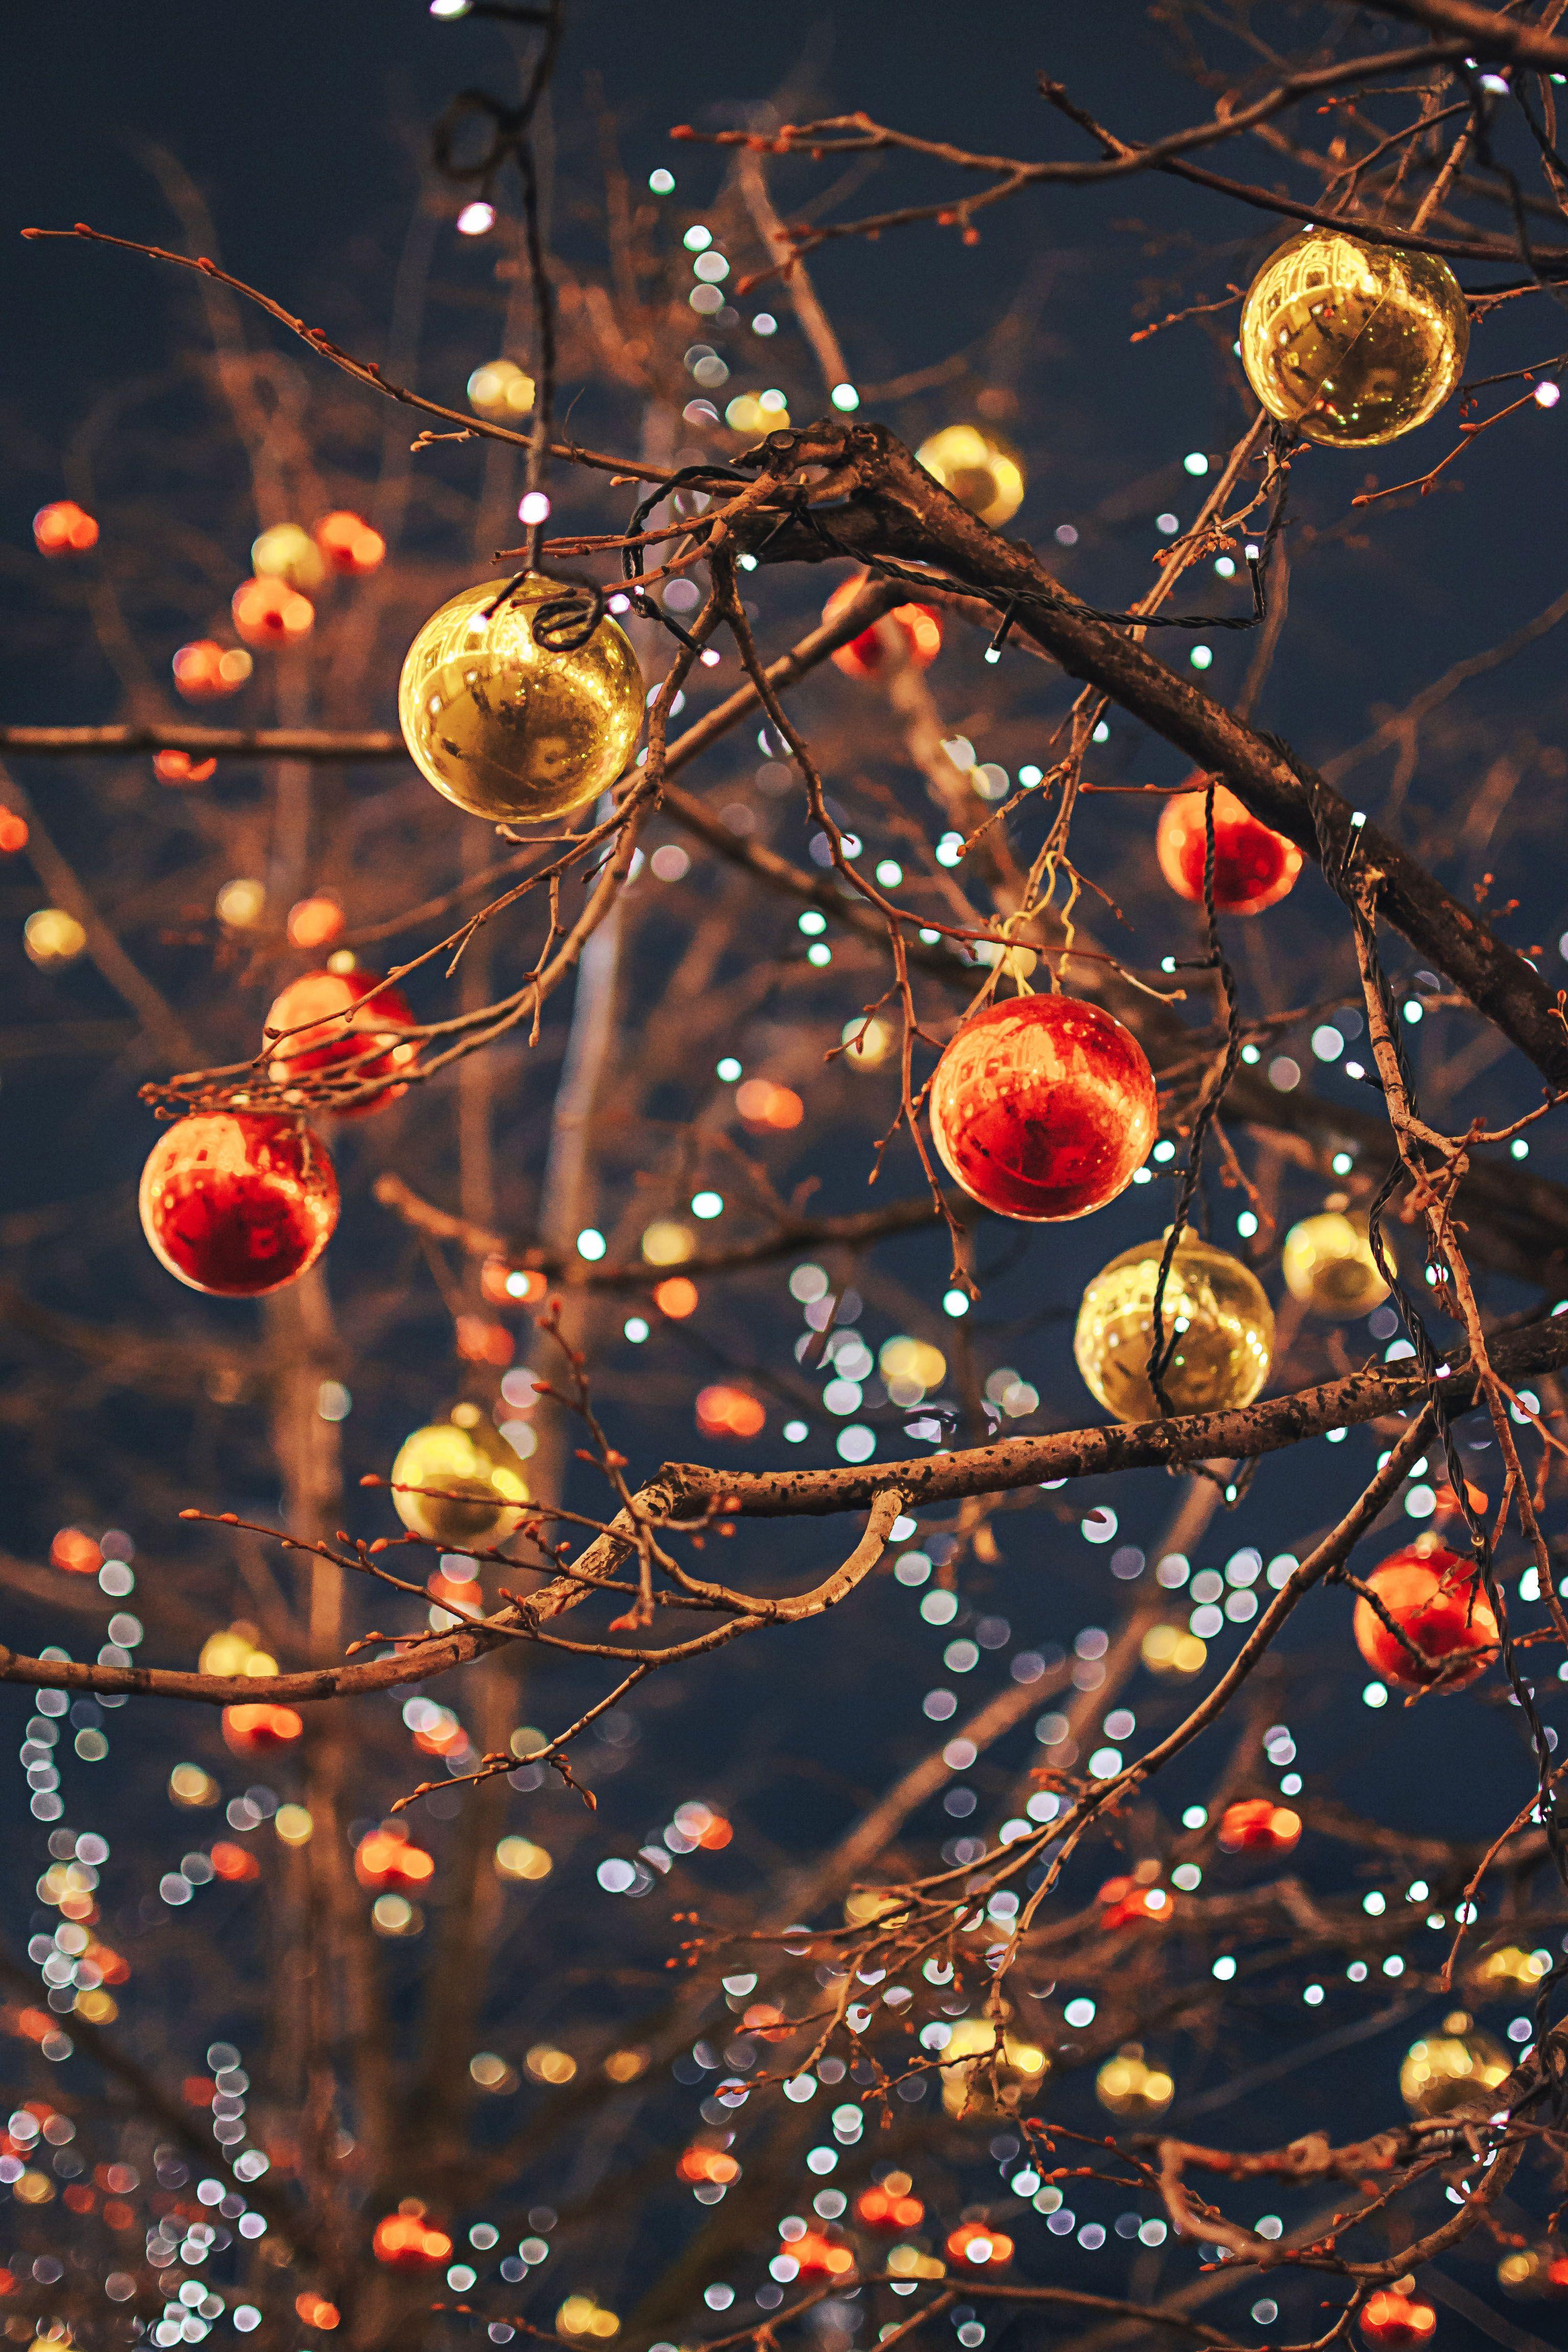 Pin By Liu Jieyu On Nikon D3100 Christmas Wallpaper Wallpaper Iphone Christmas Christmas Aesthetic